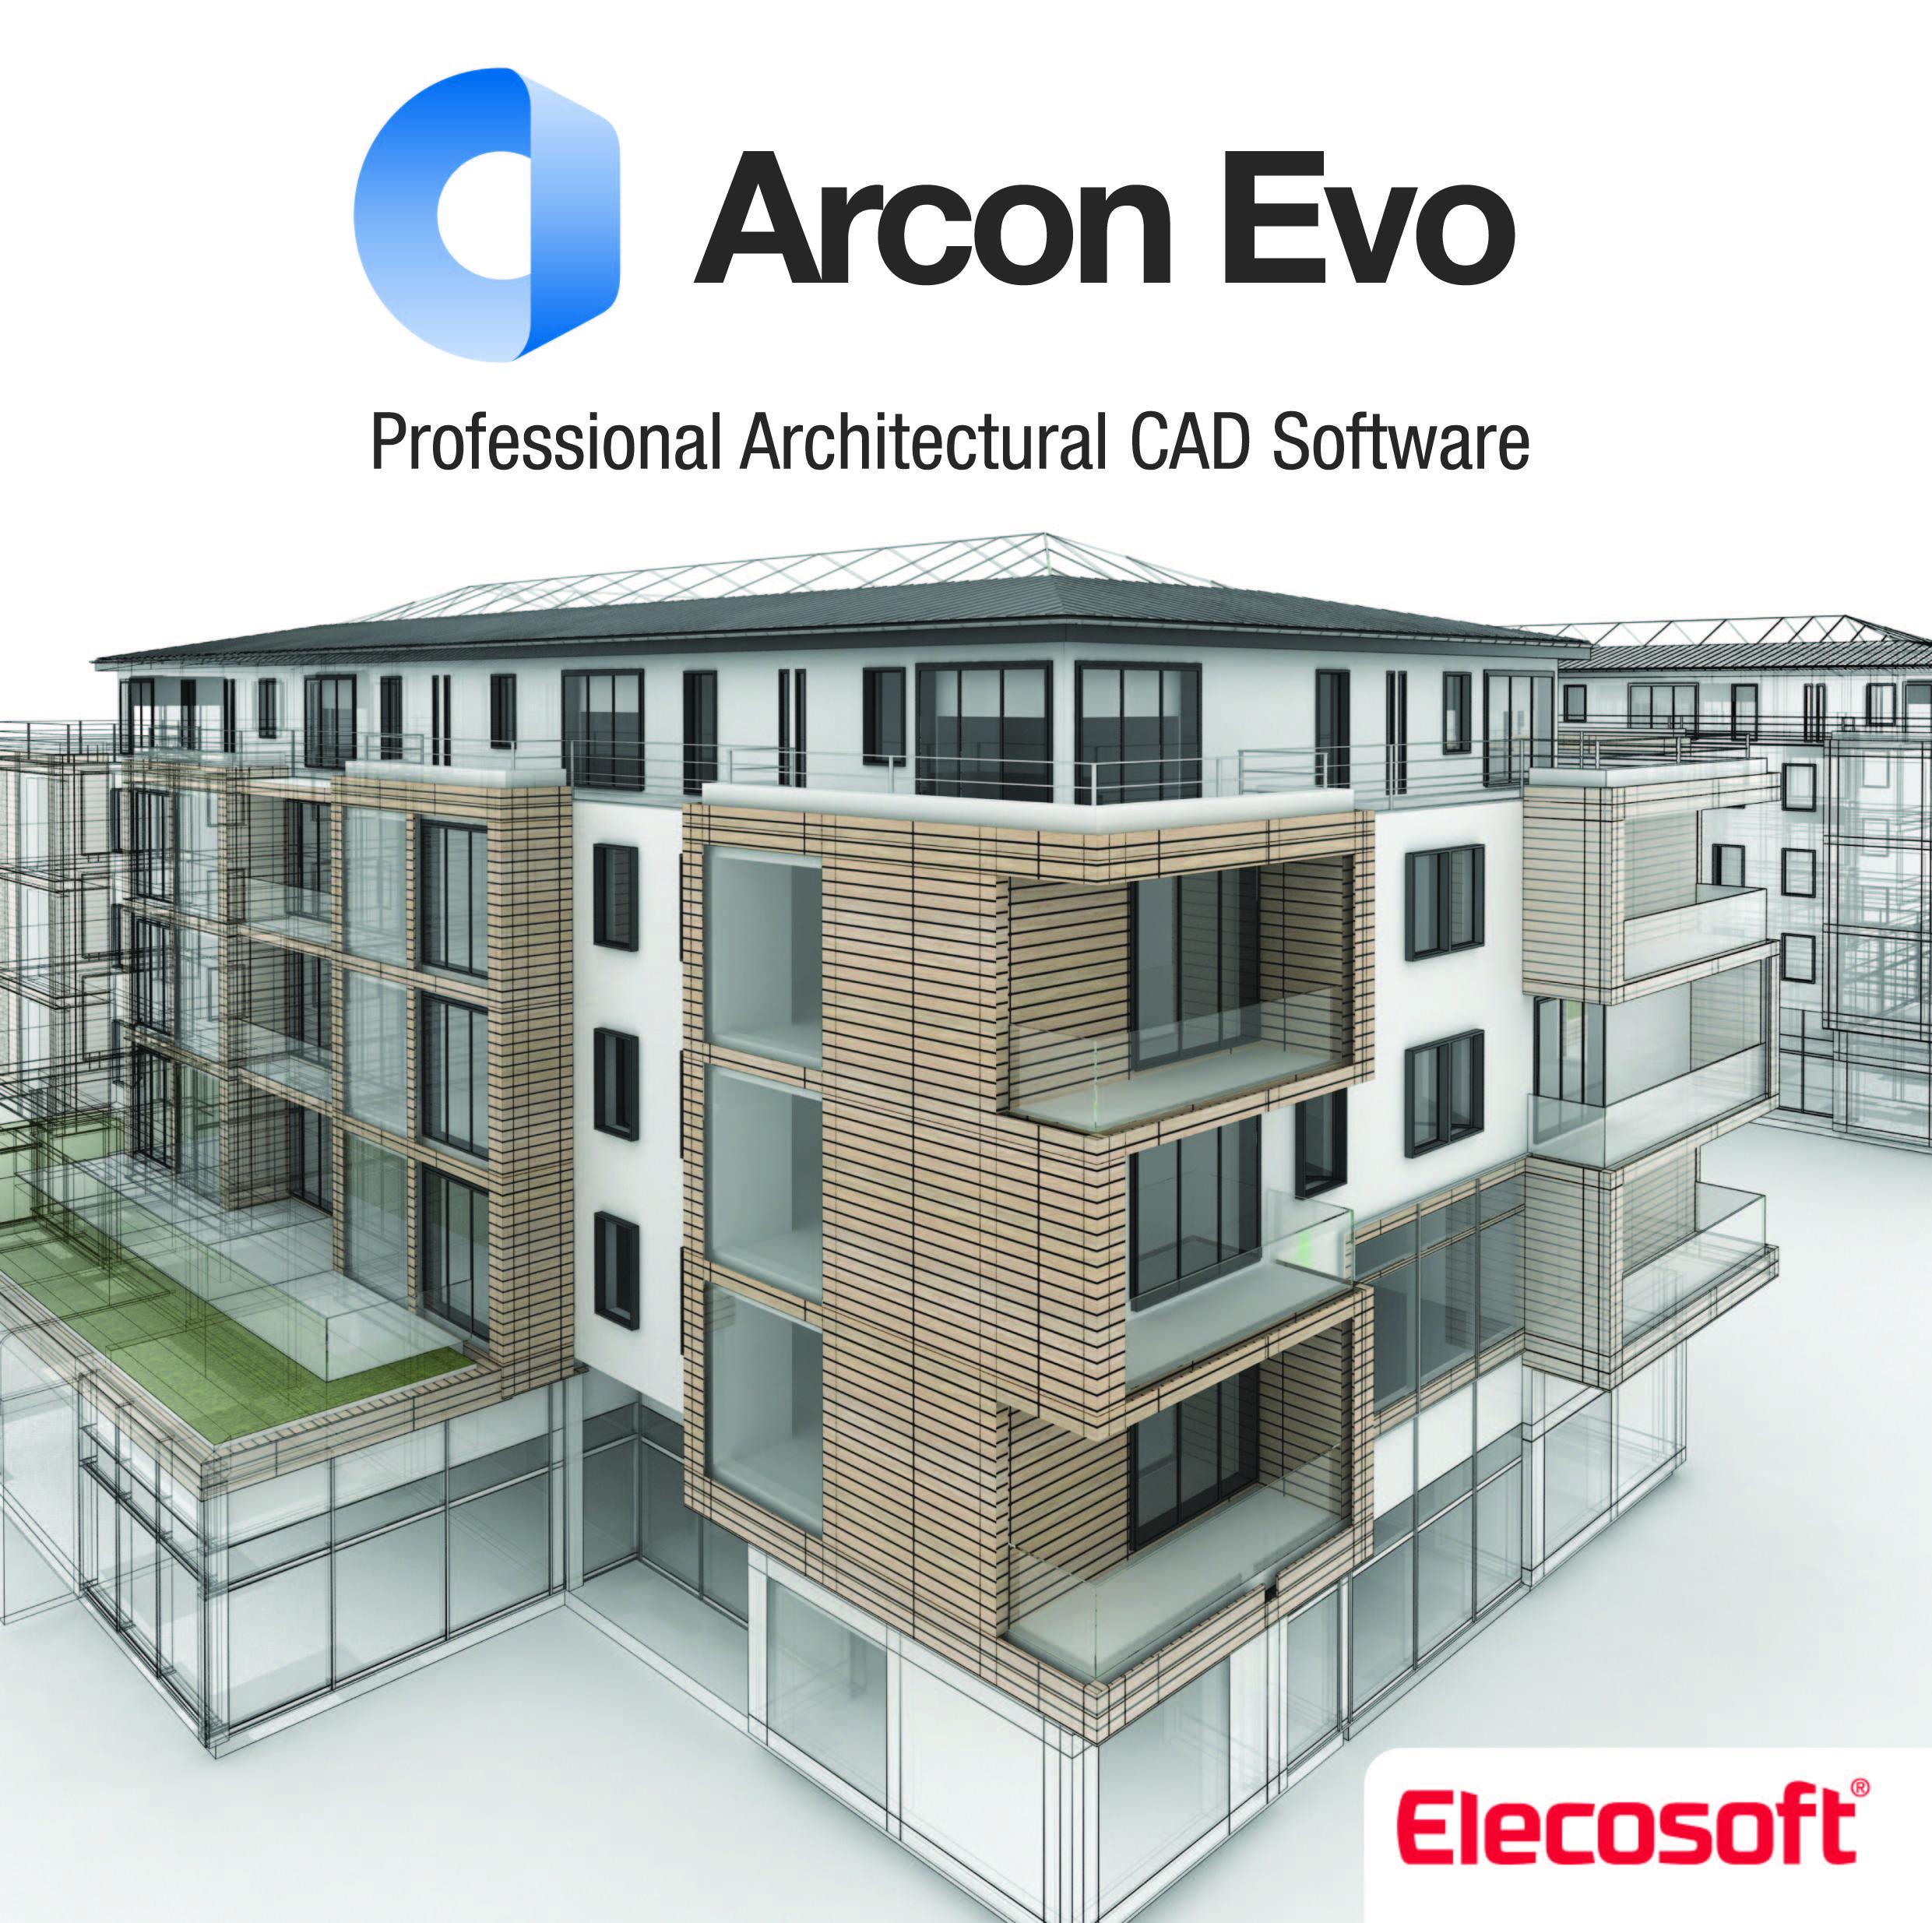 Elecosoft Releases Arcon Evo